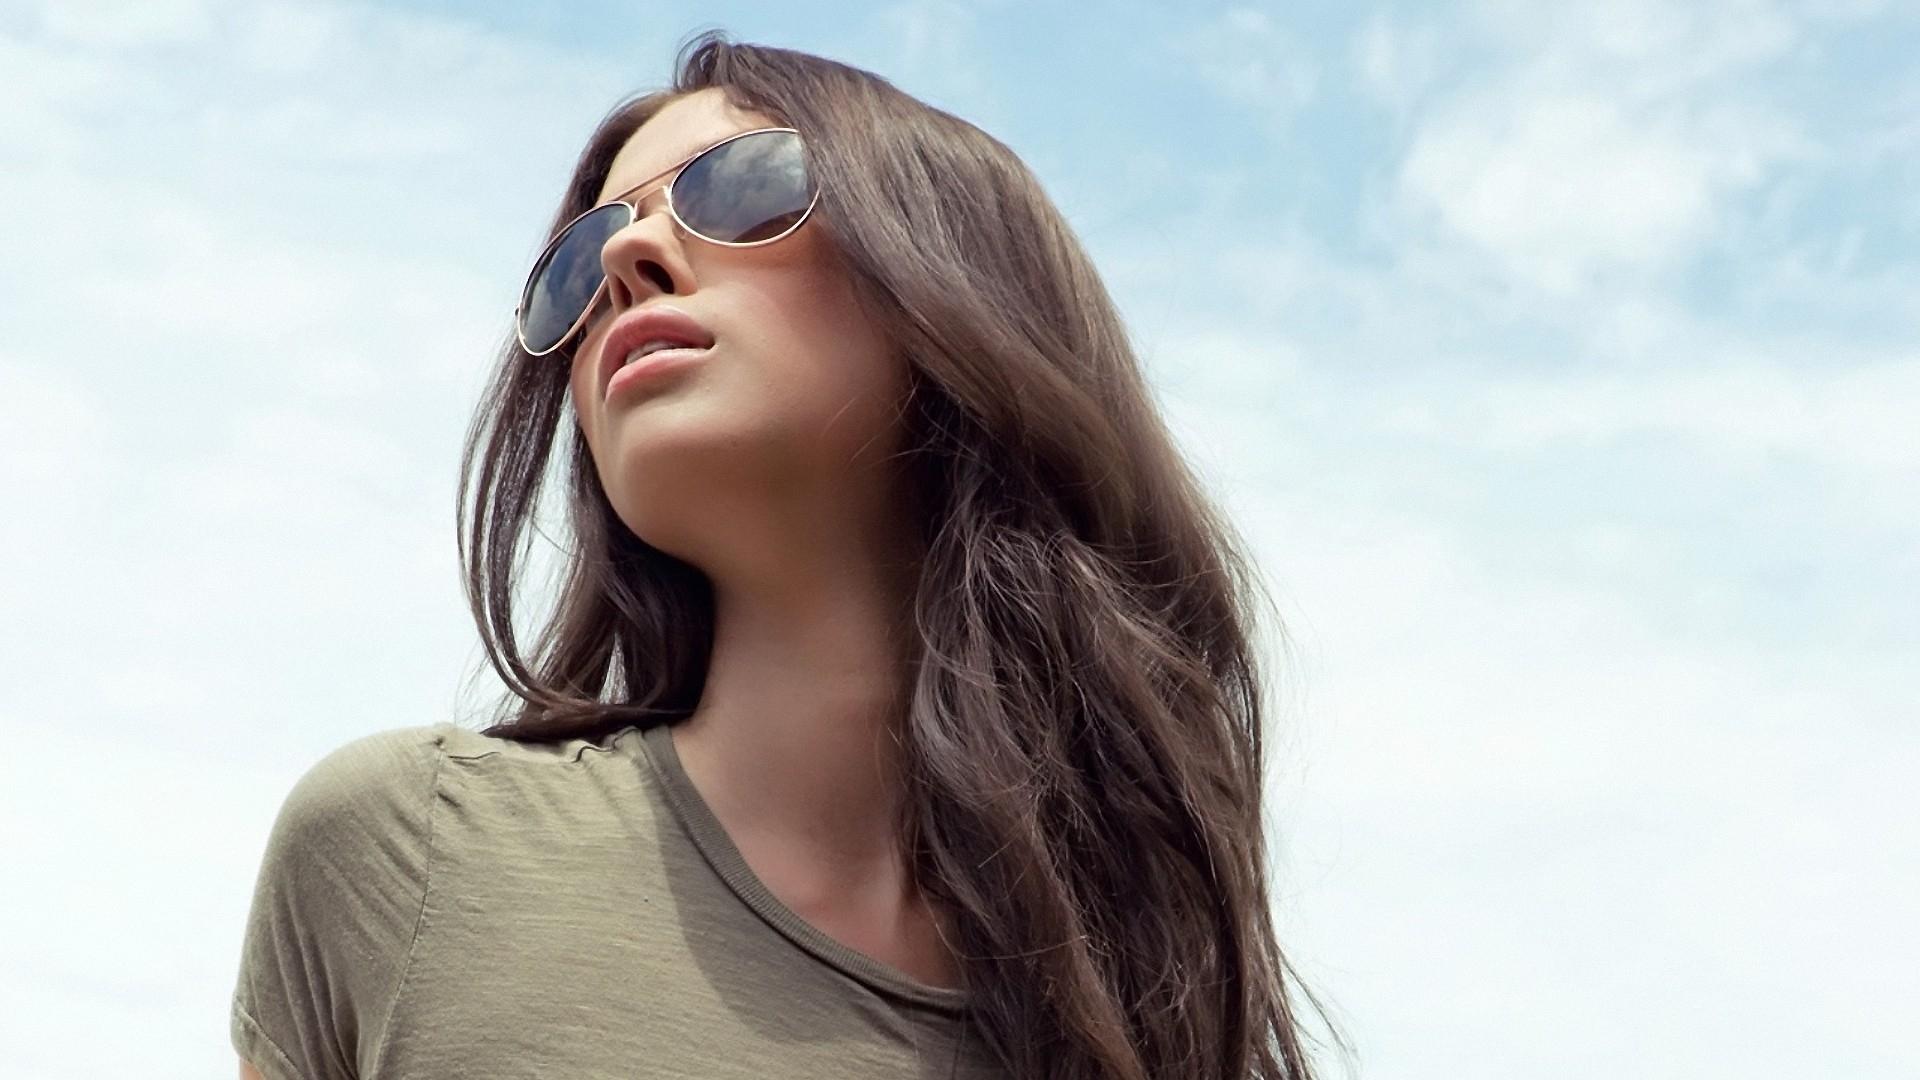 Картинки на аву девушек с очками